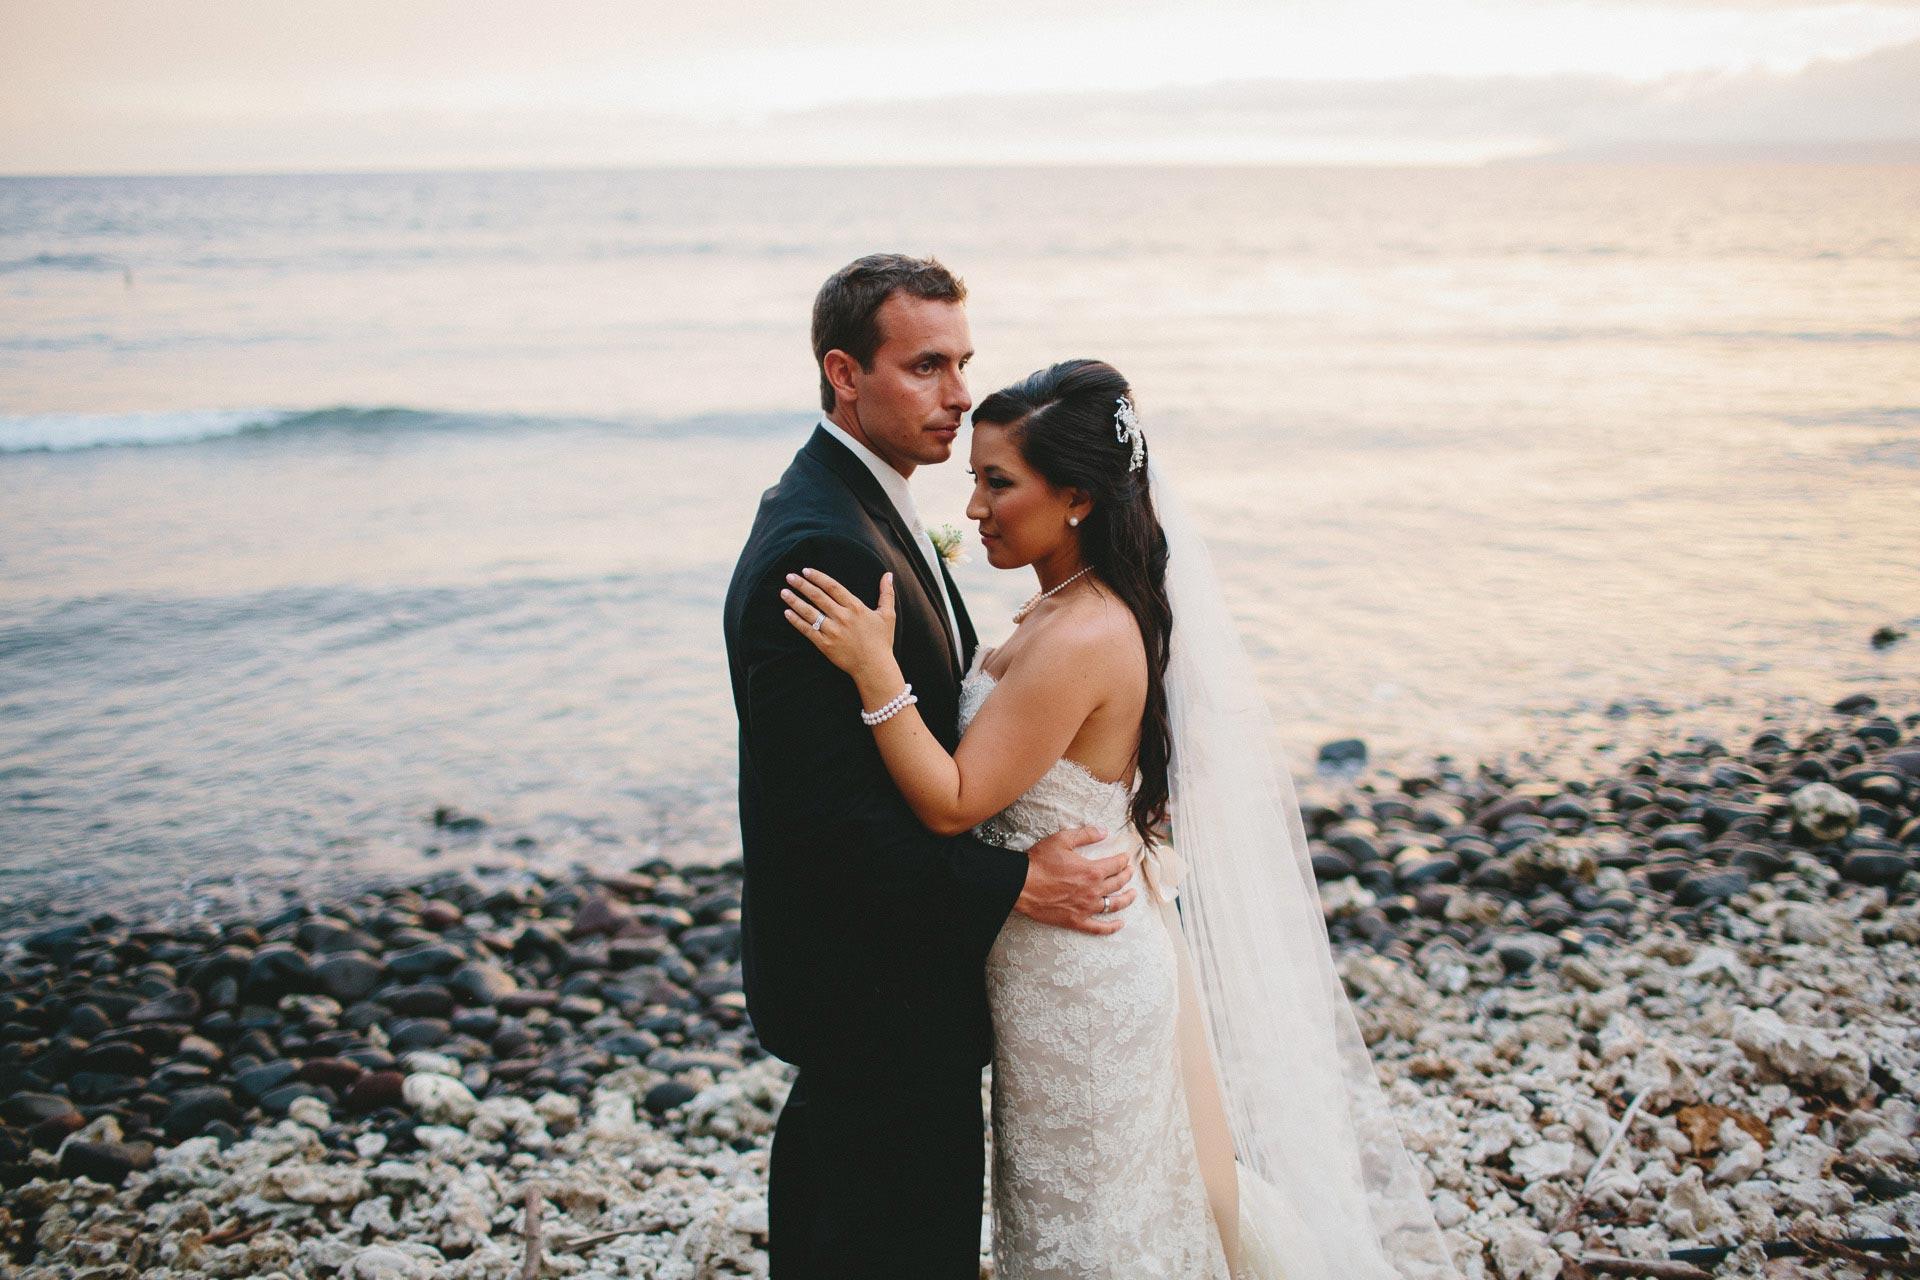 KW-Maui-Hawaii-Wedding-125@2x.jpg